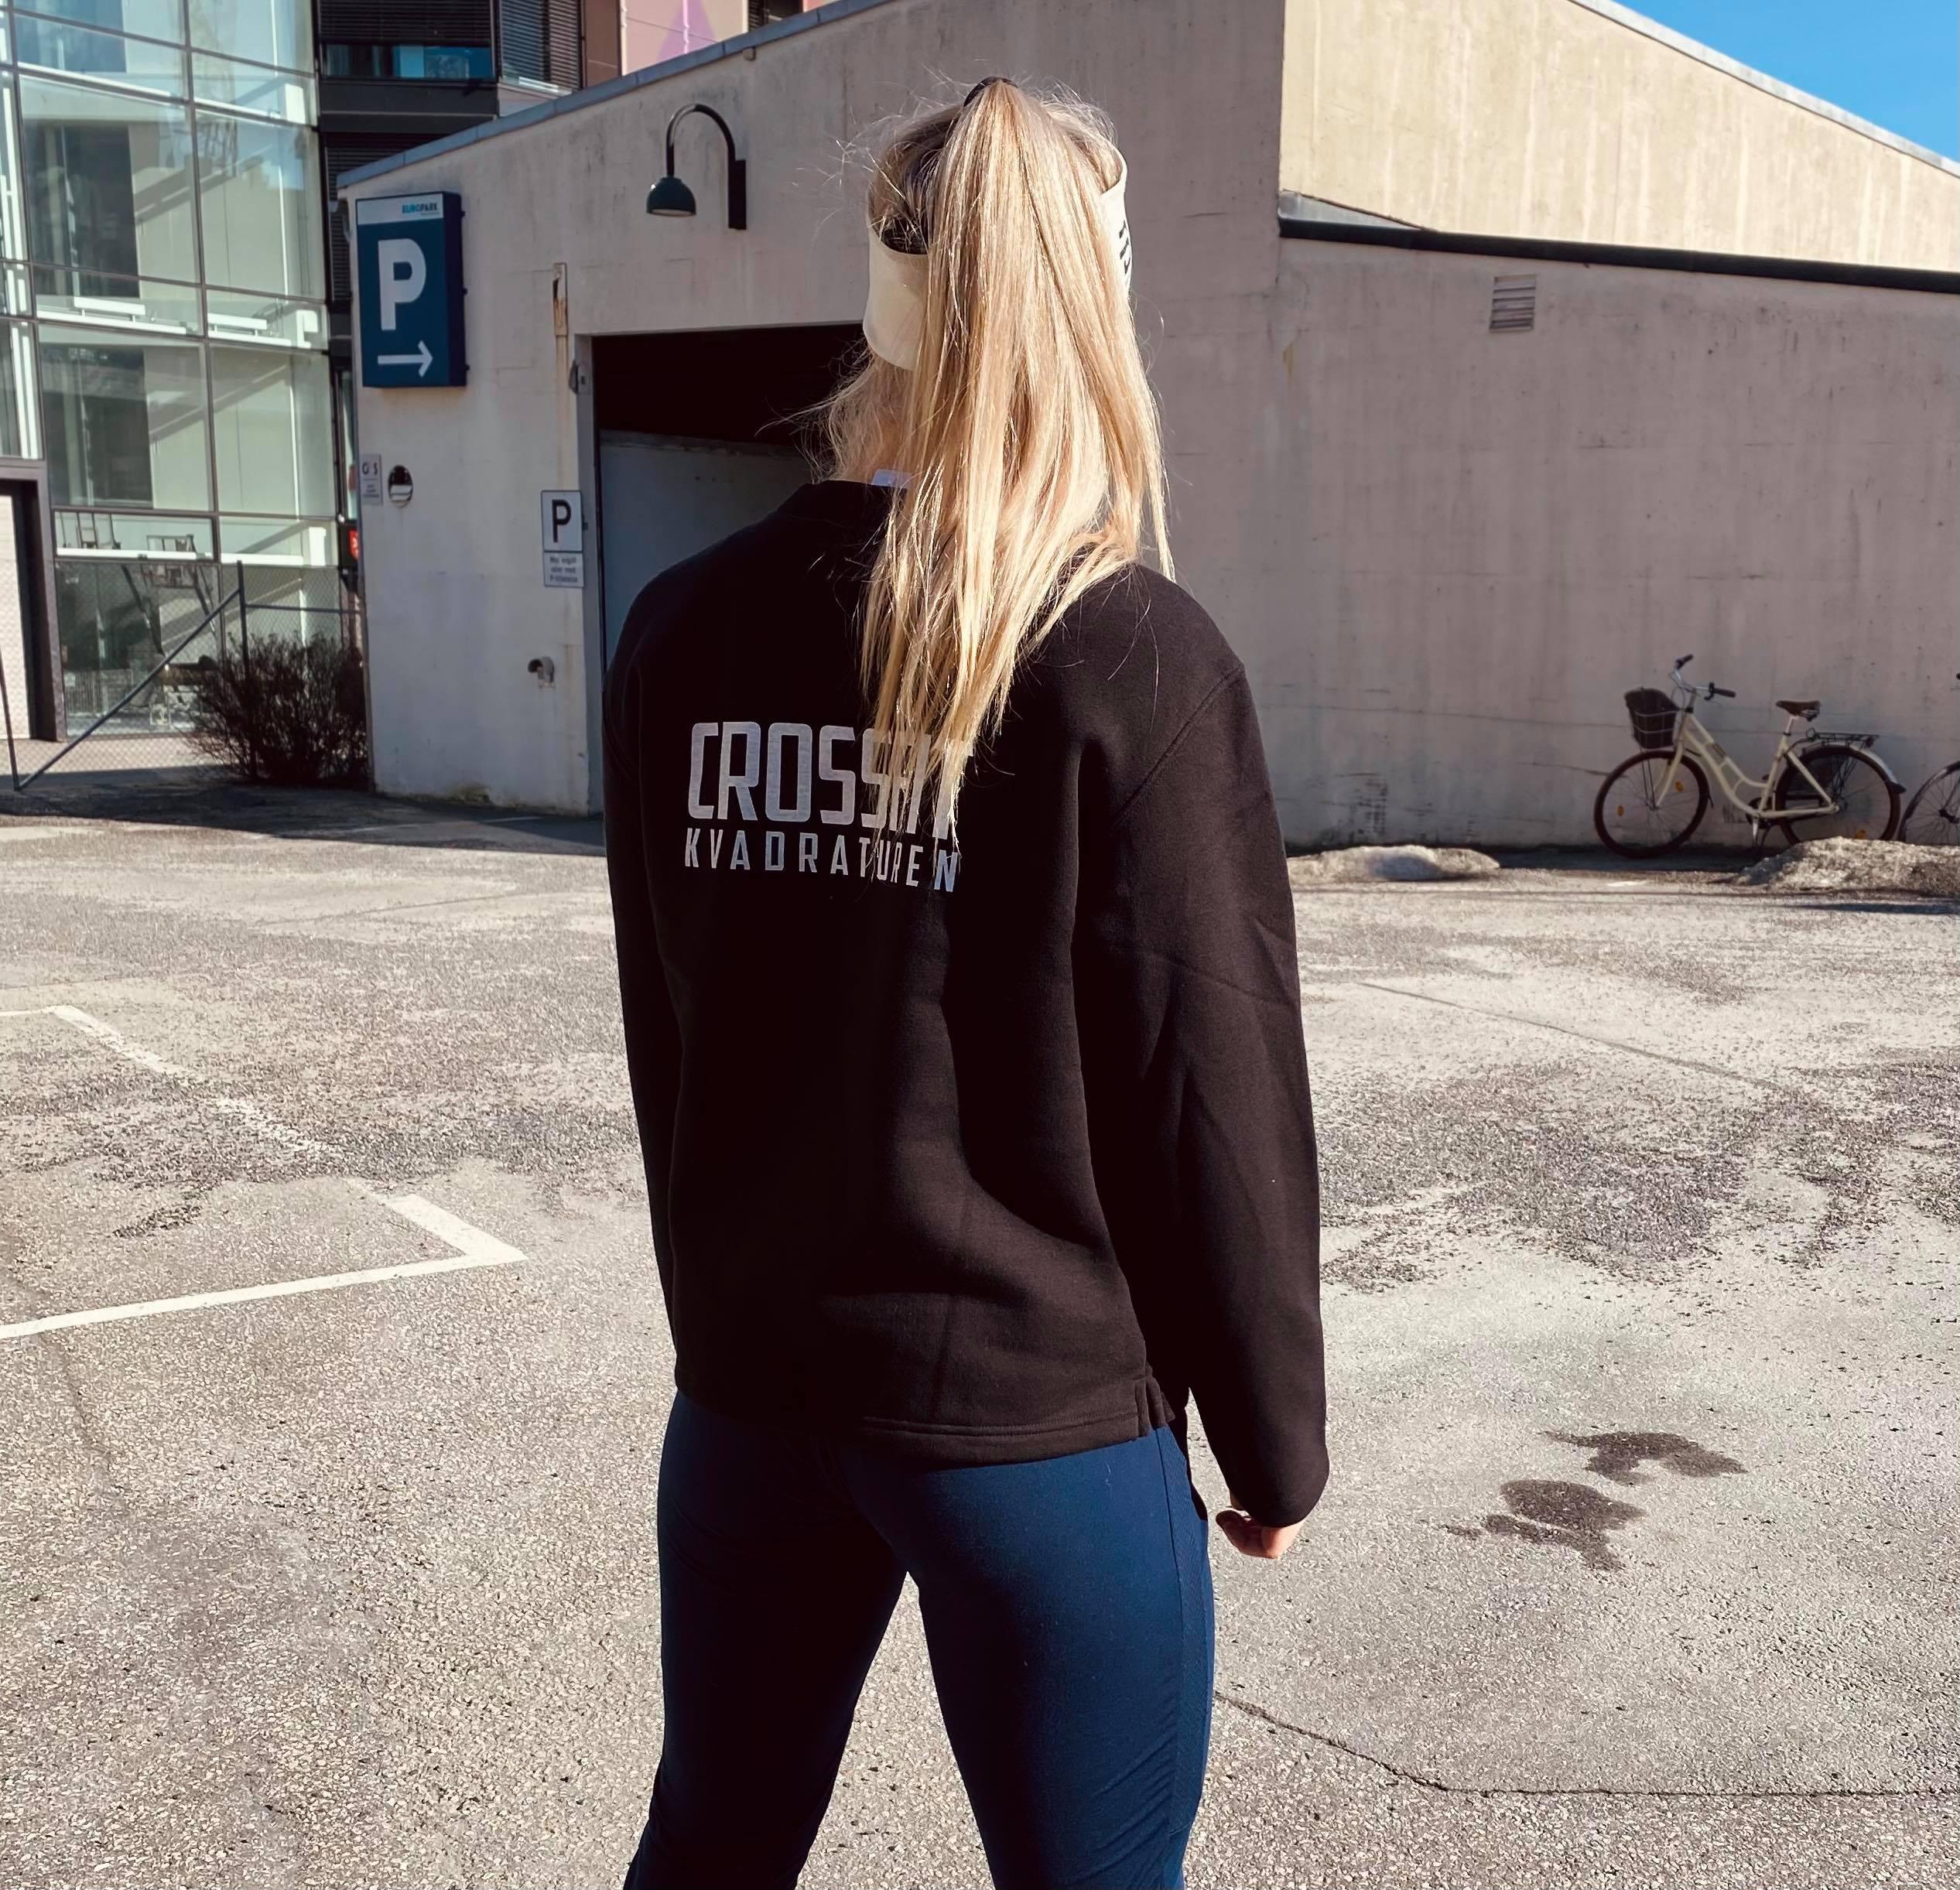 Genser - CK-logo på ryggen